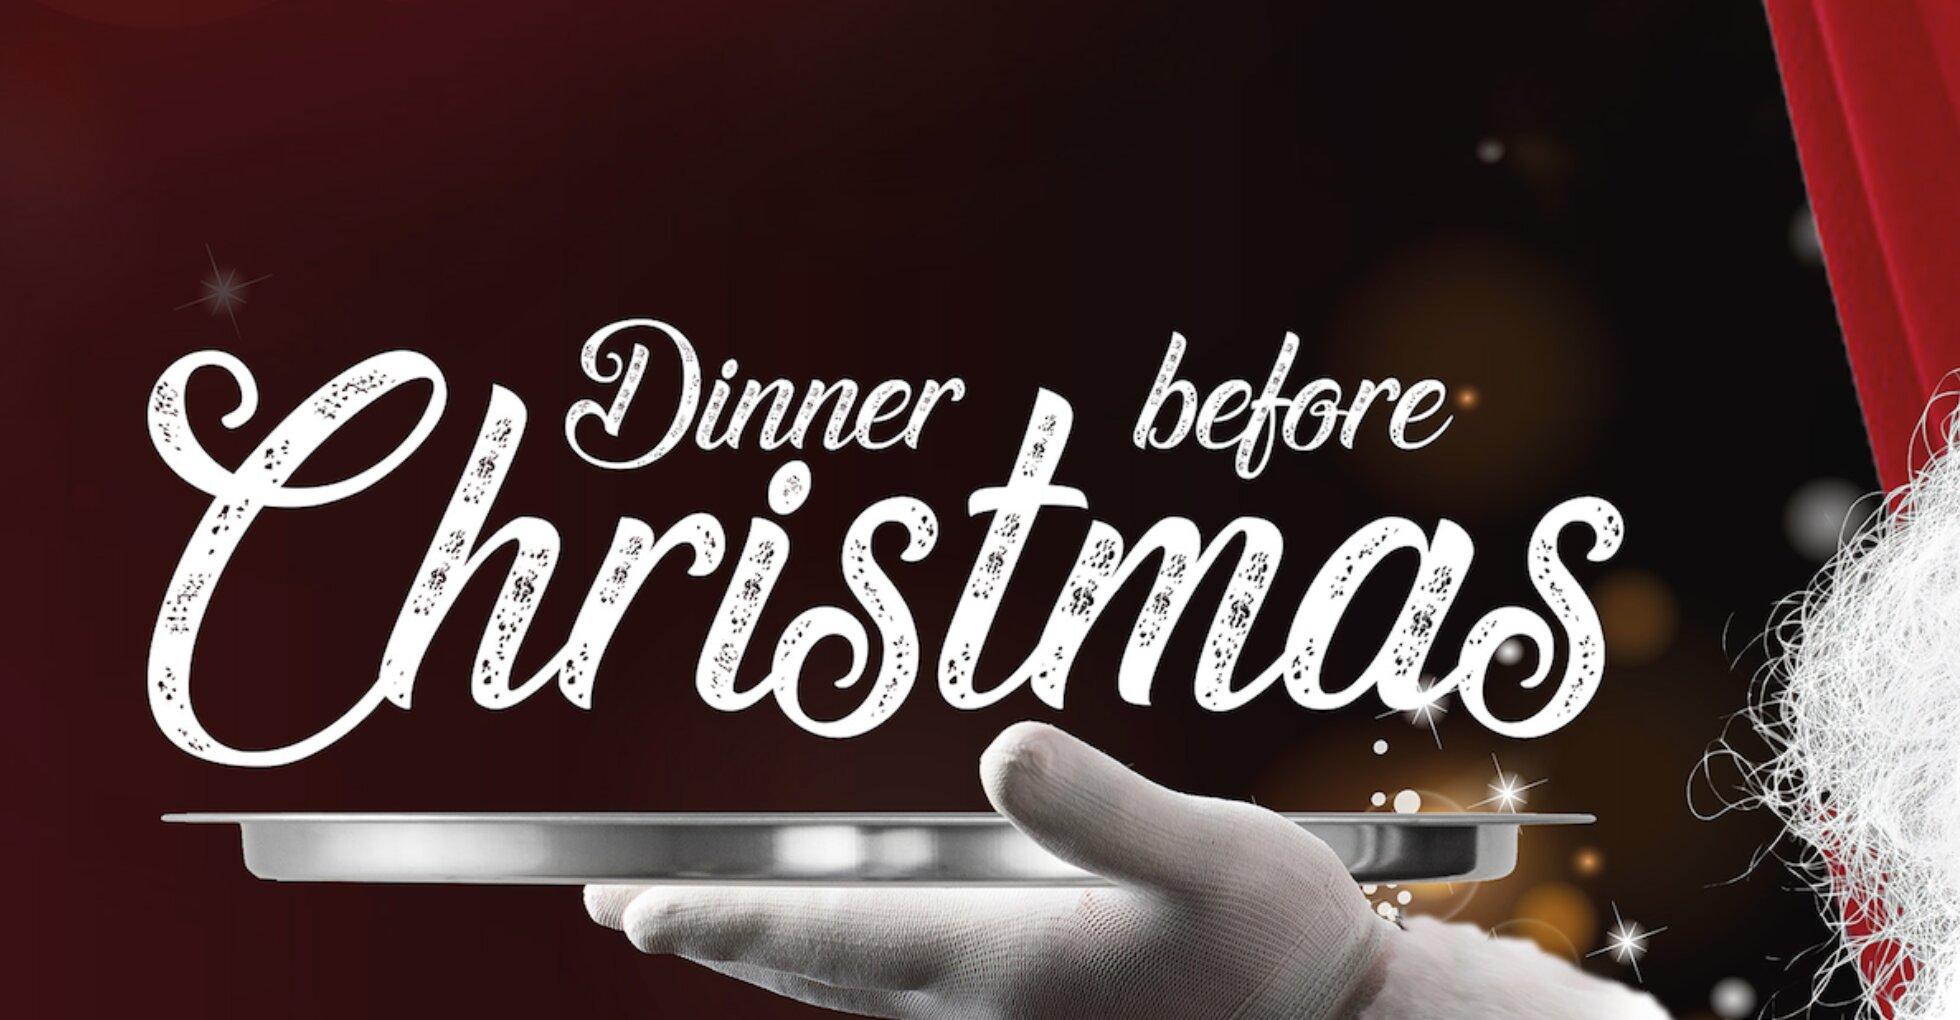 Dinnerbefore Christmasbreit